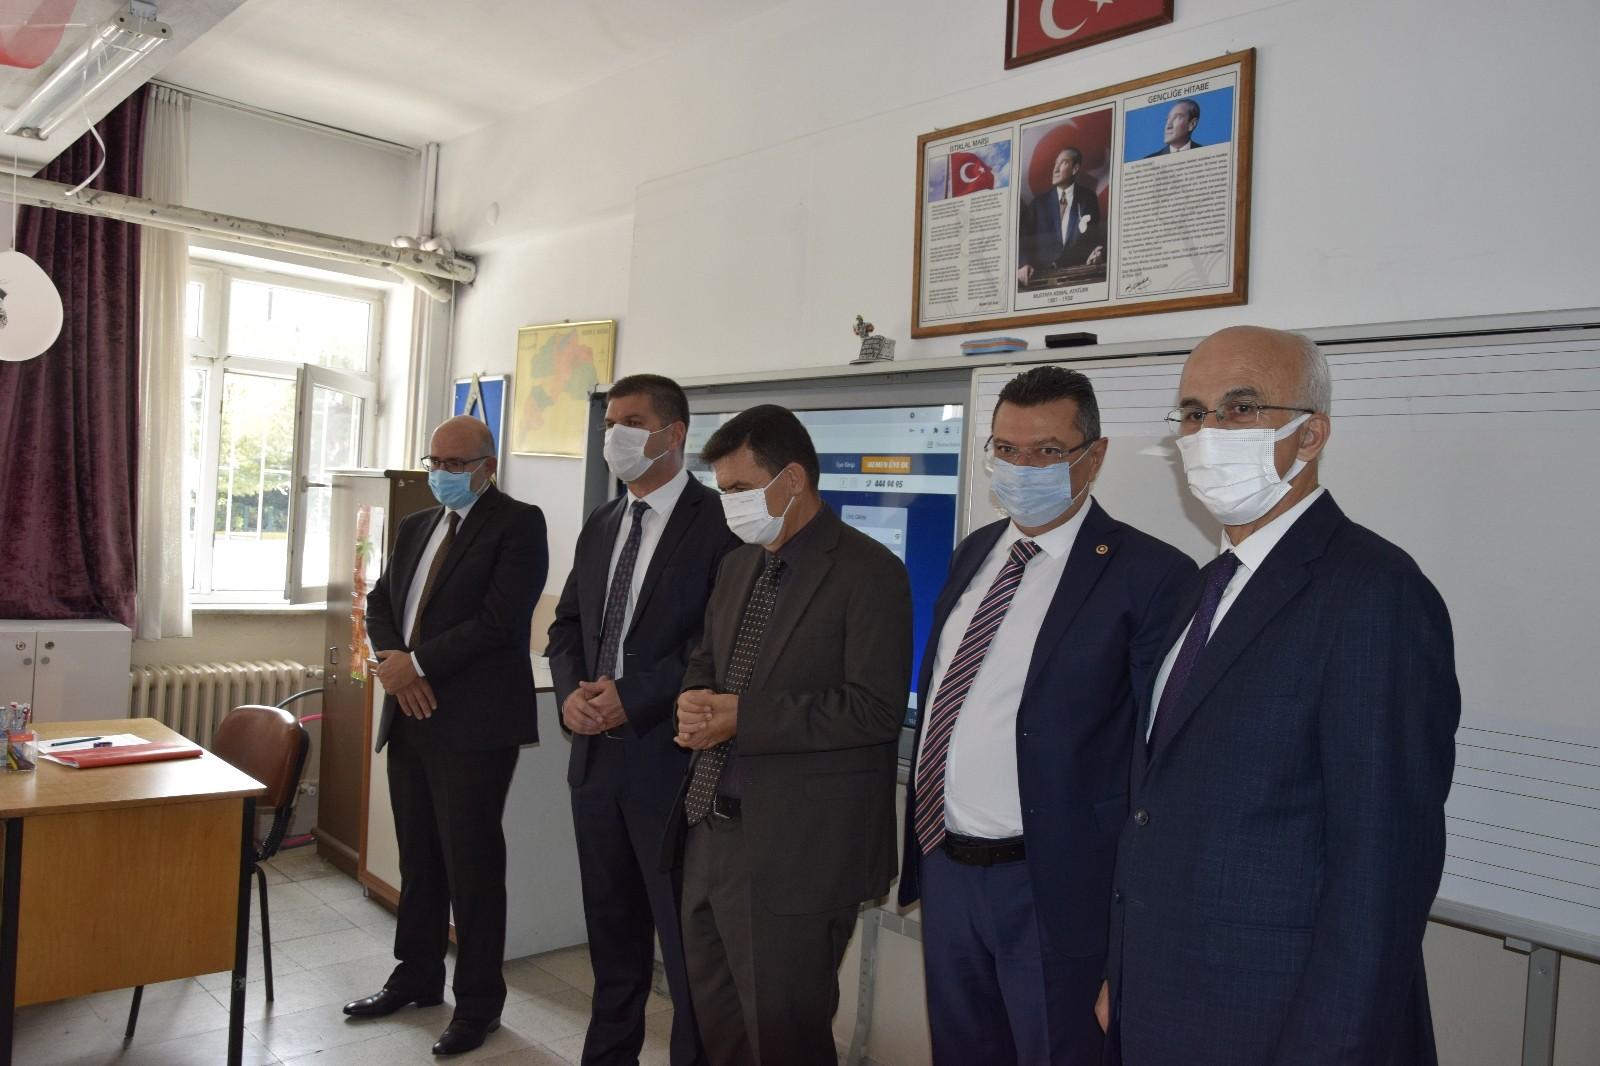 Vali Arslantaş öğrencilere başarılar diledi #burdur